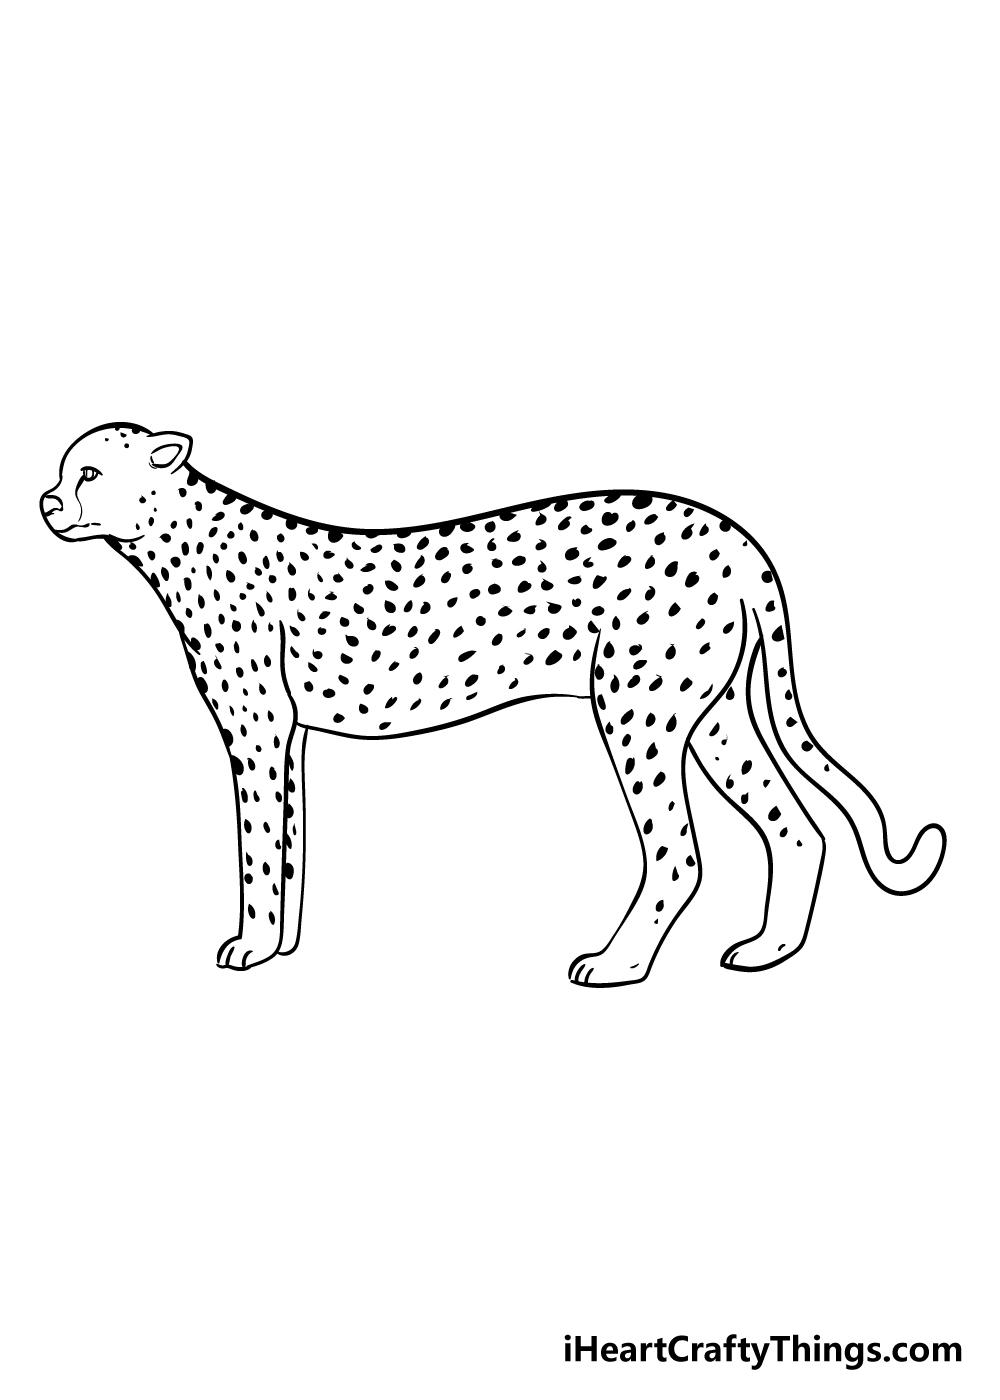 cheetah drawing step 8